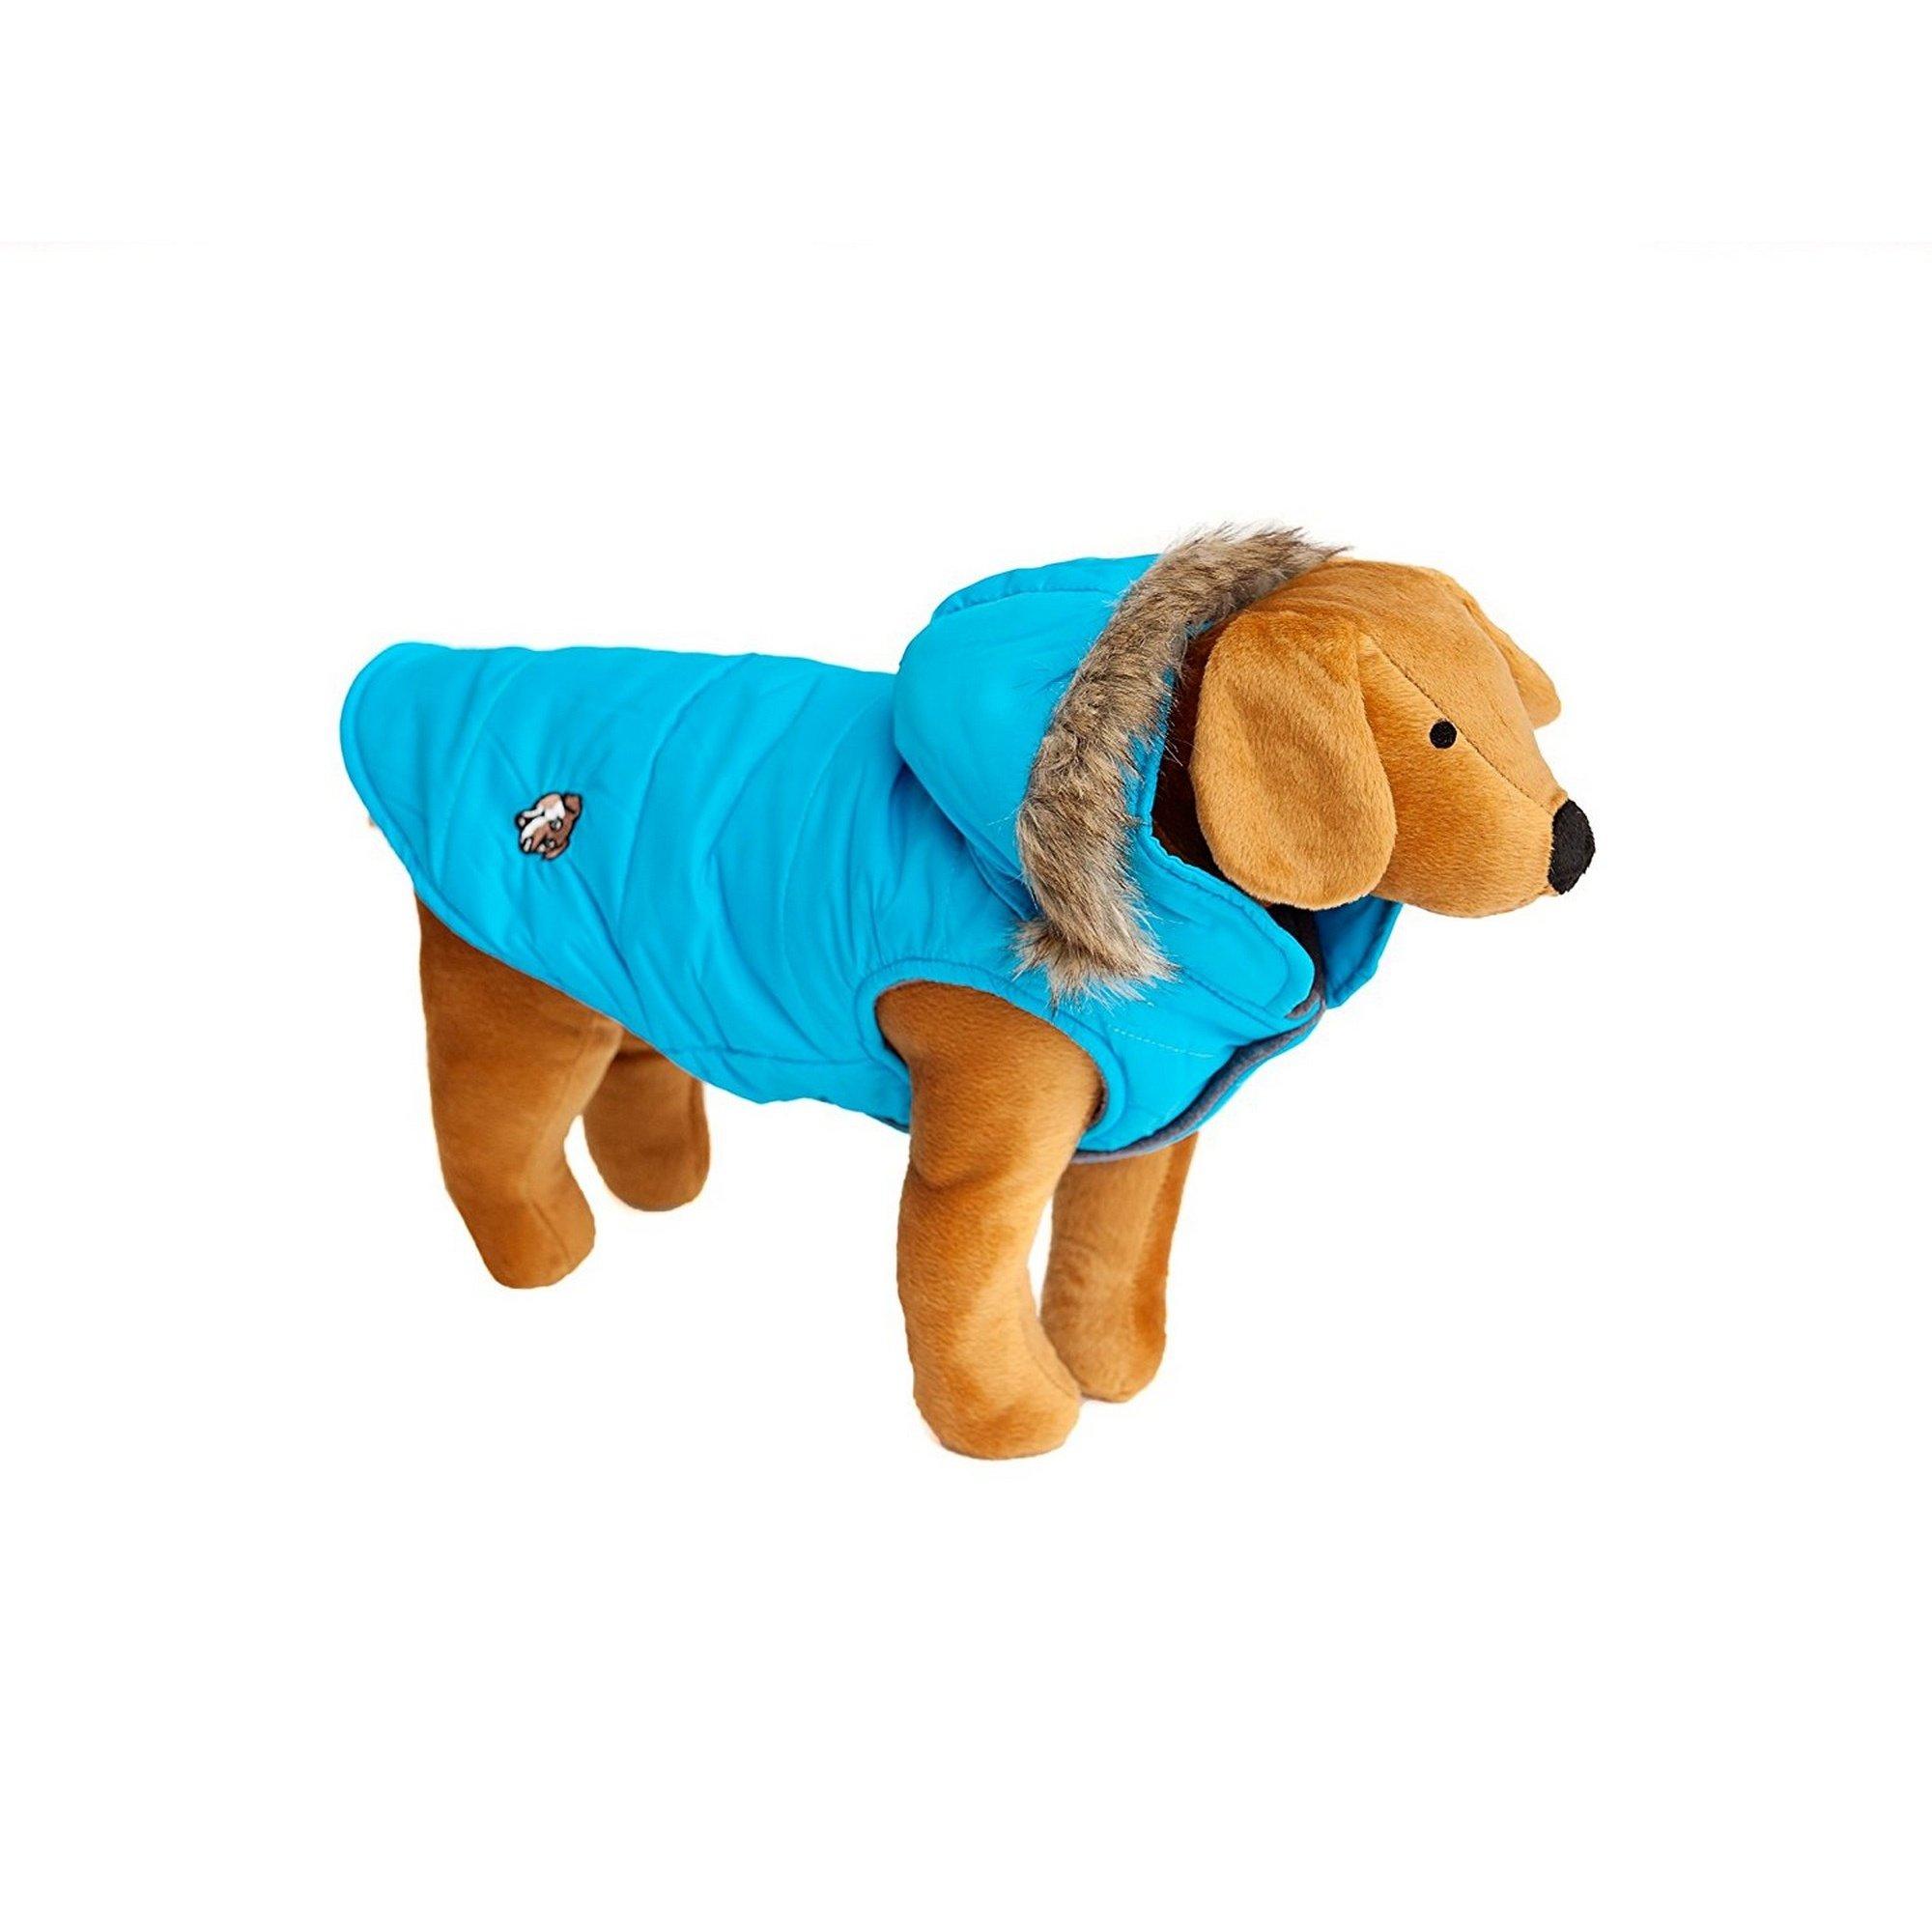 Animal Kingdom Doggy Things Puffa Waterproof Dog Jacket (Large) (Turquoise)